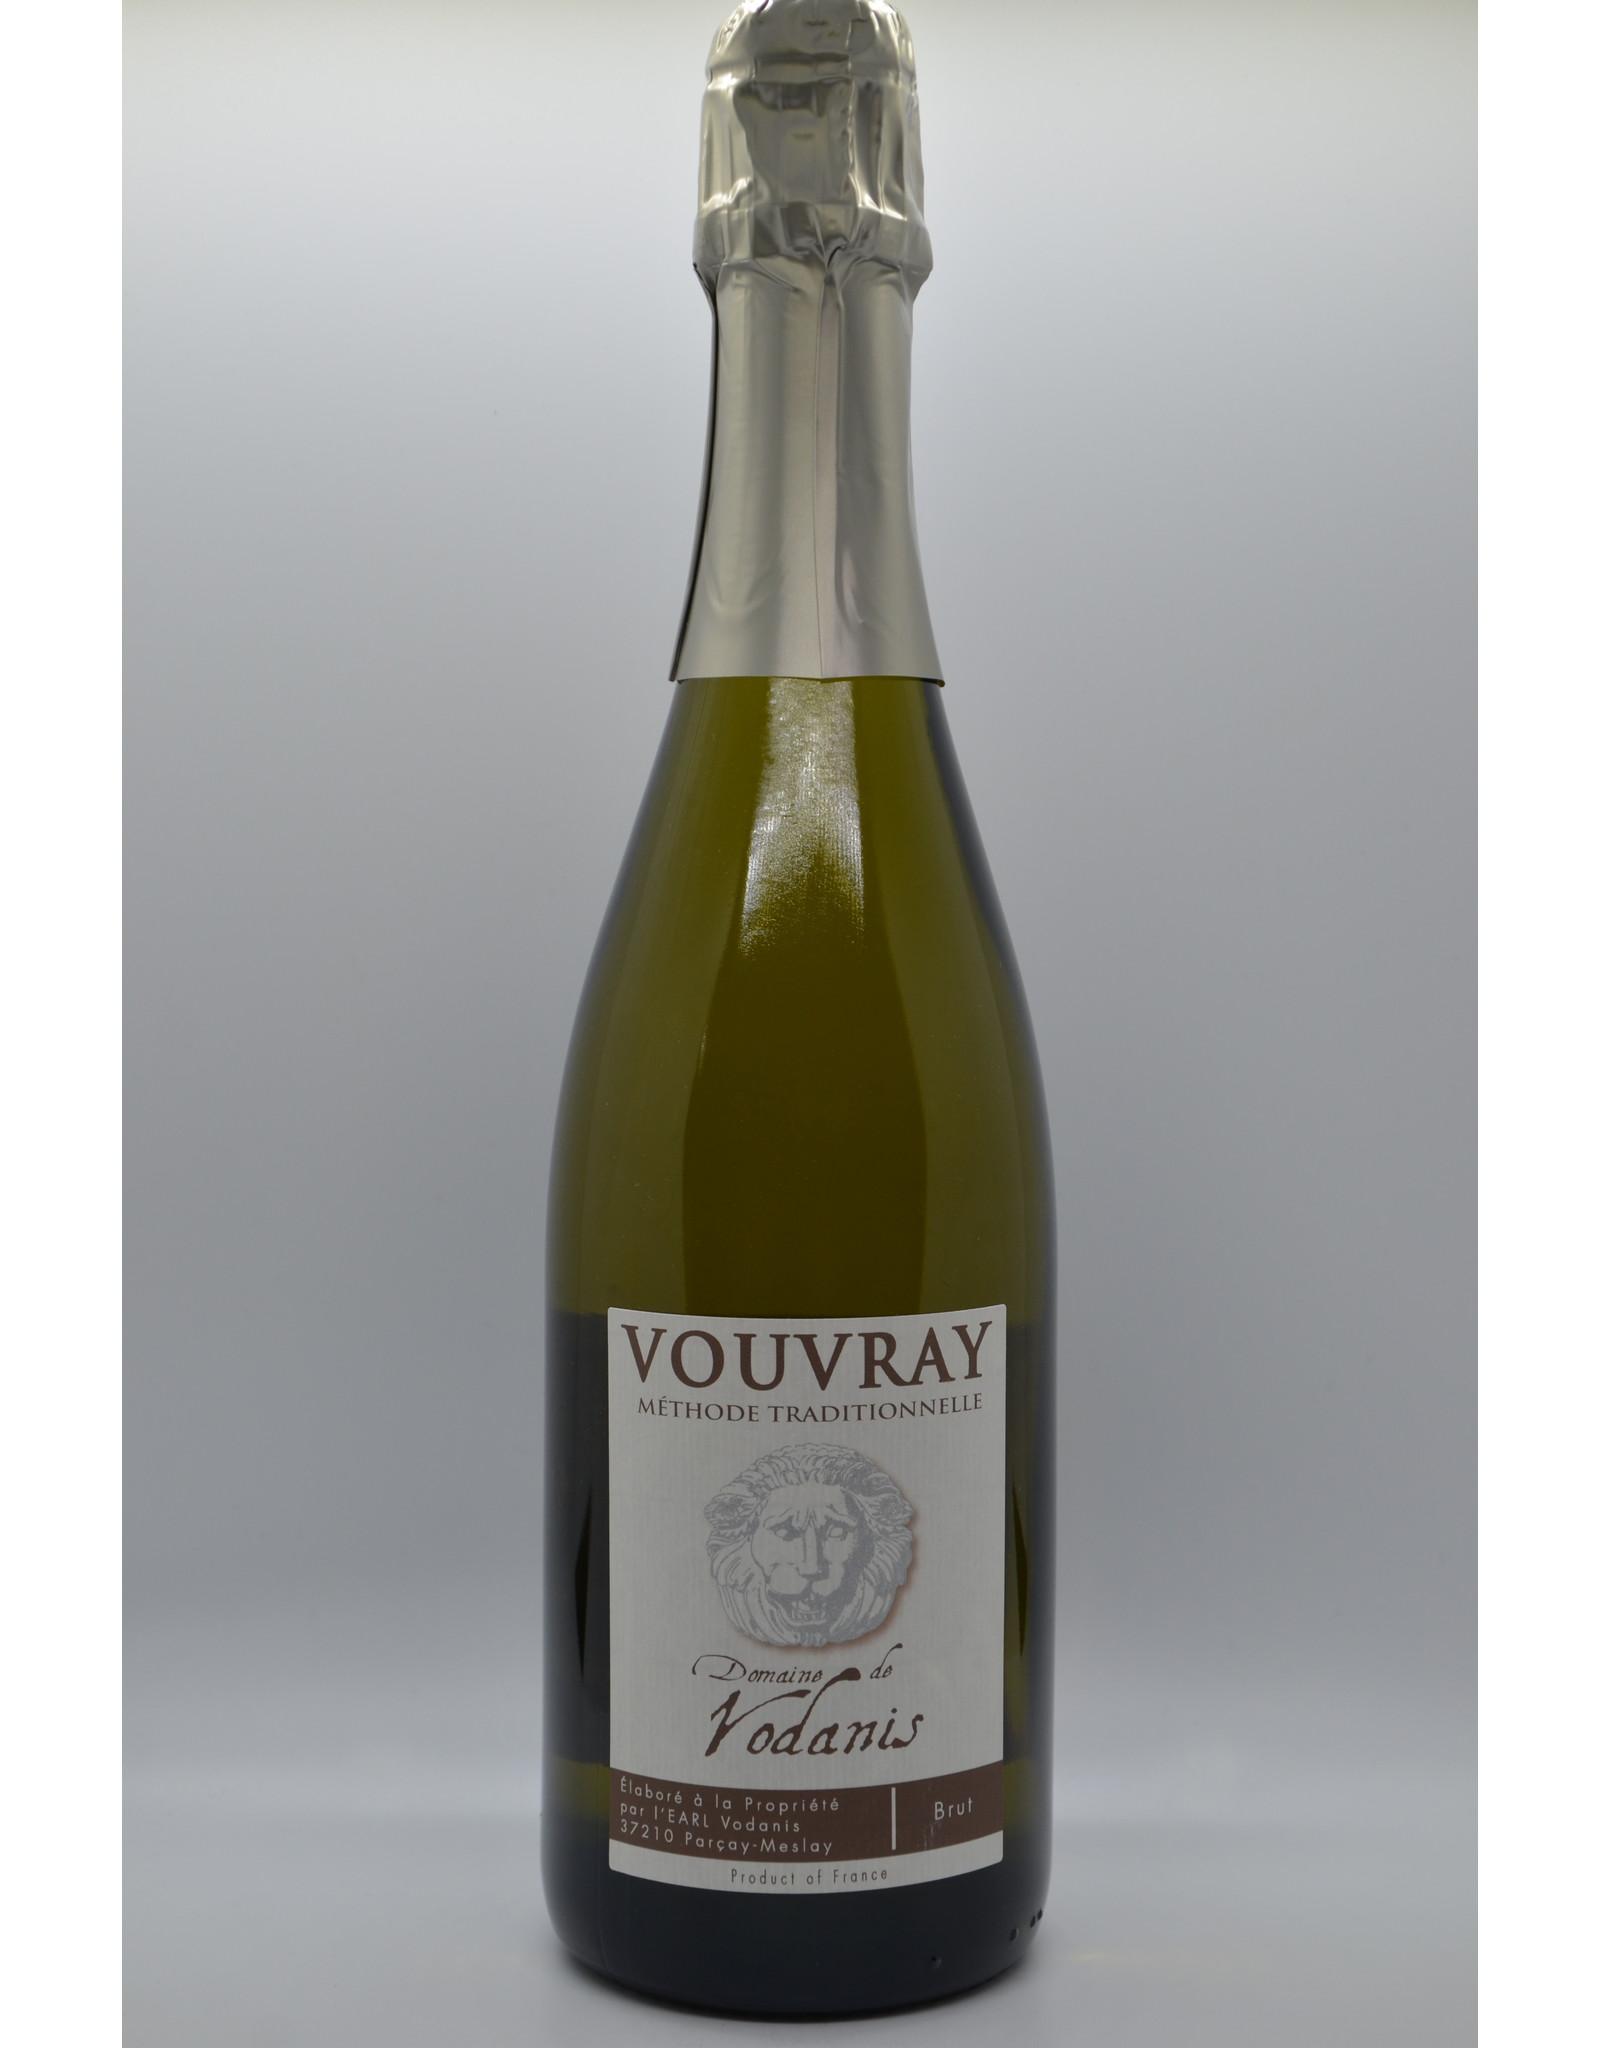 France Domaine de Vodanis Vouvray